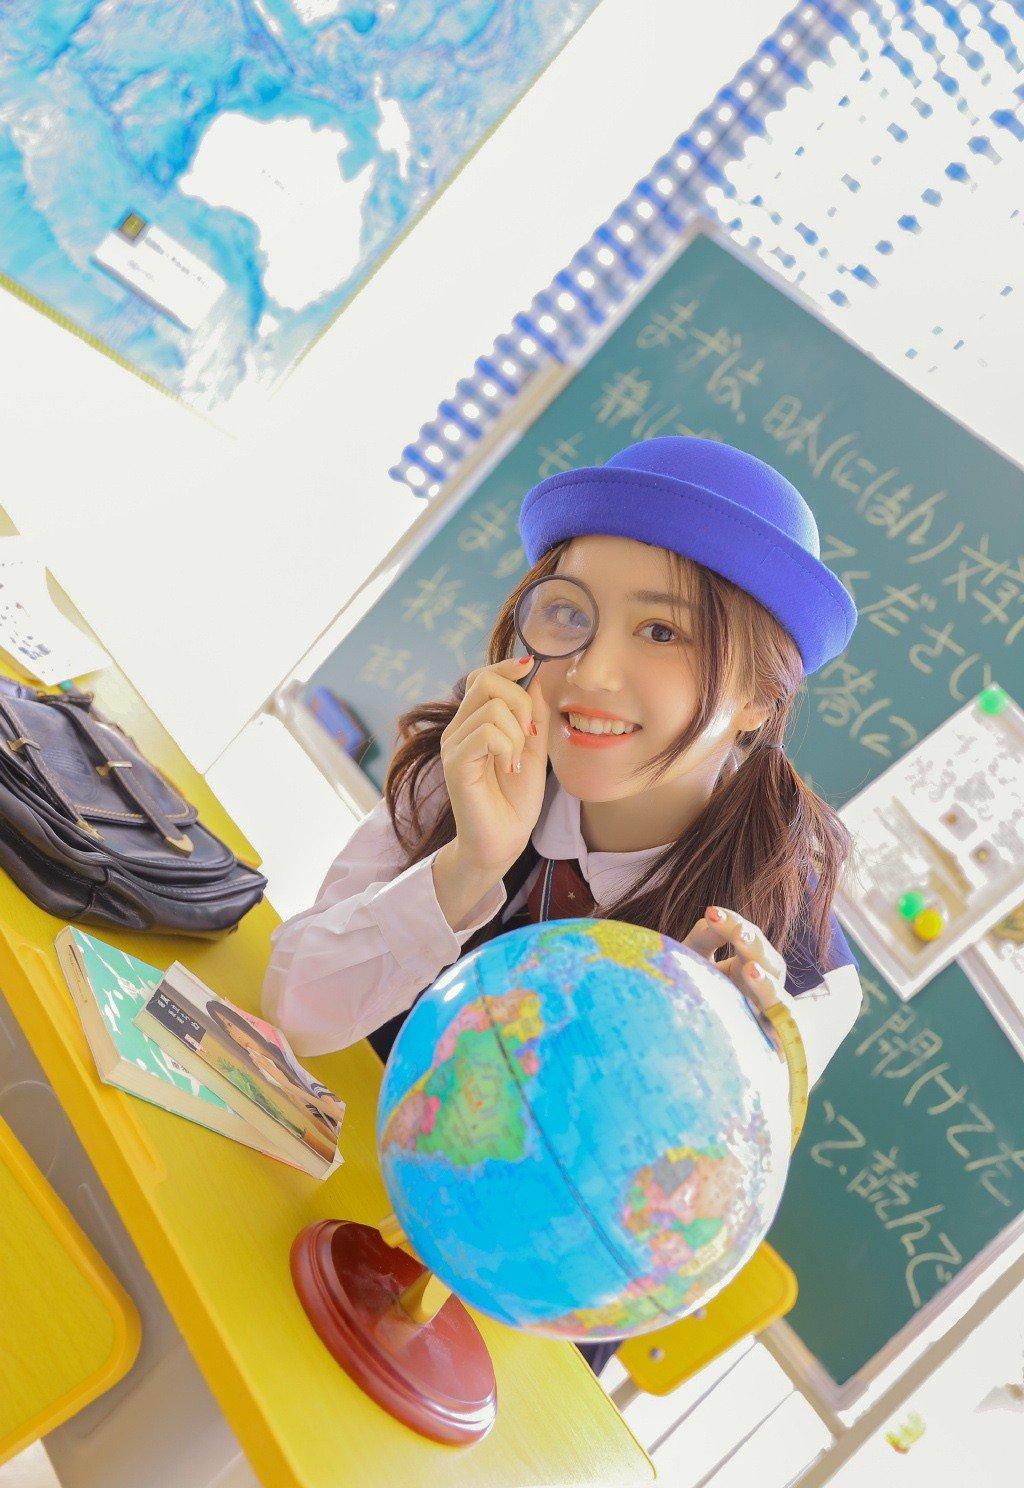 台湾美女大学生教室制服诱惑写真图片